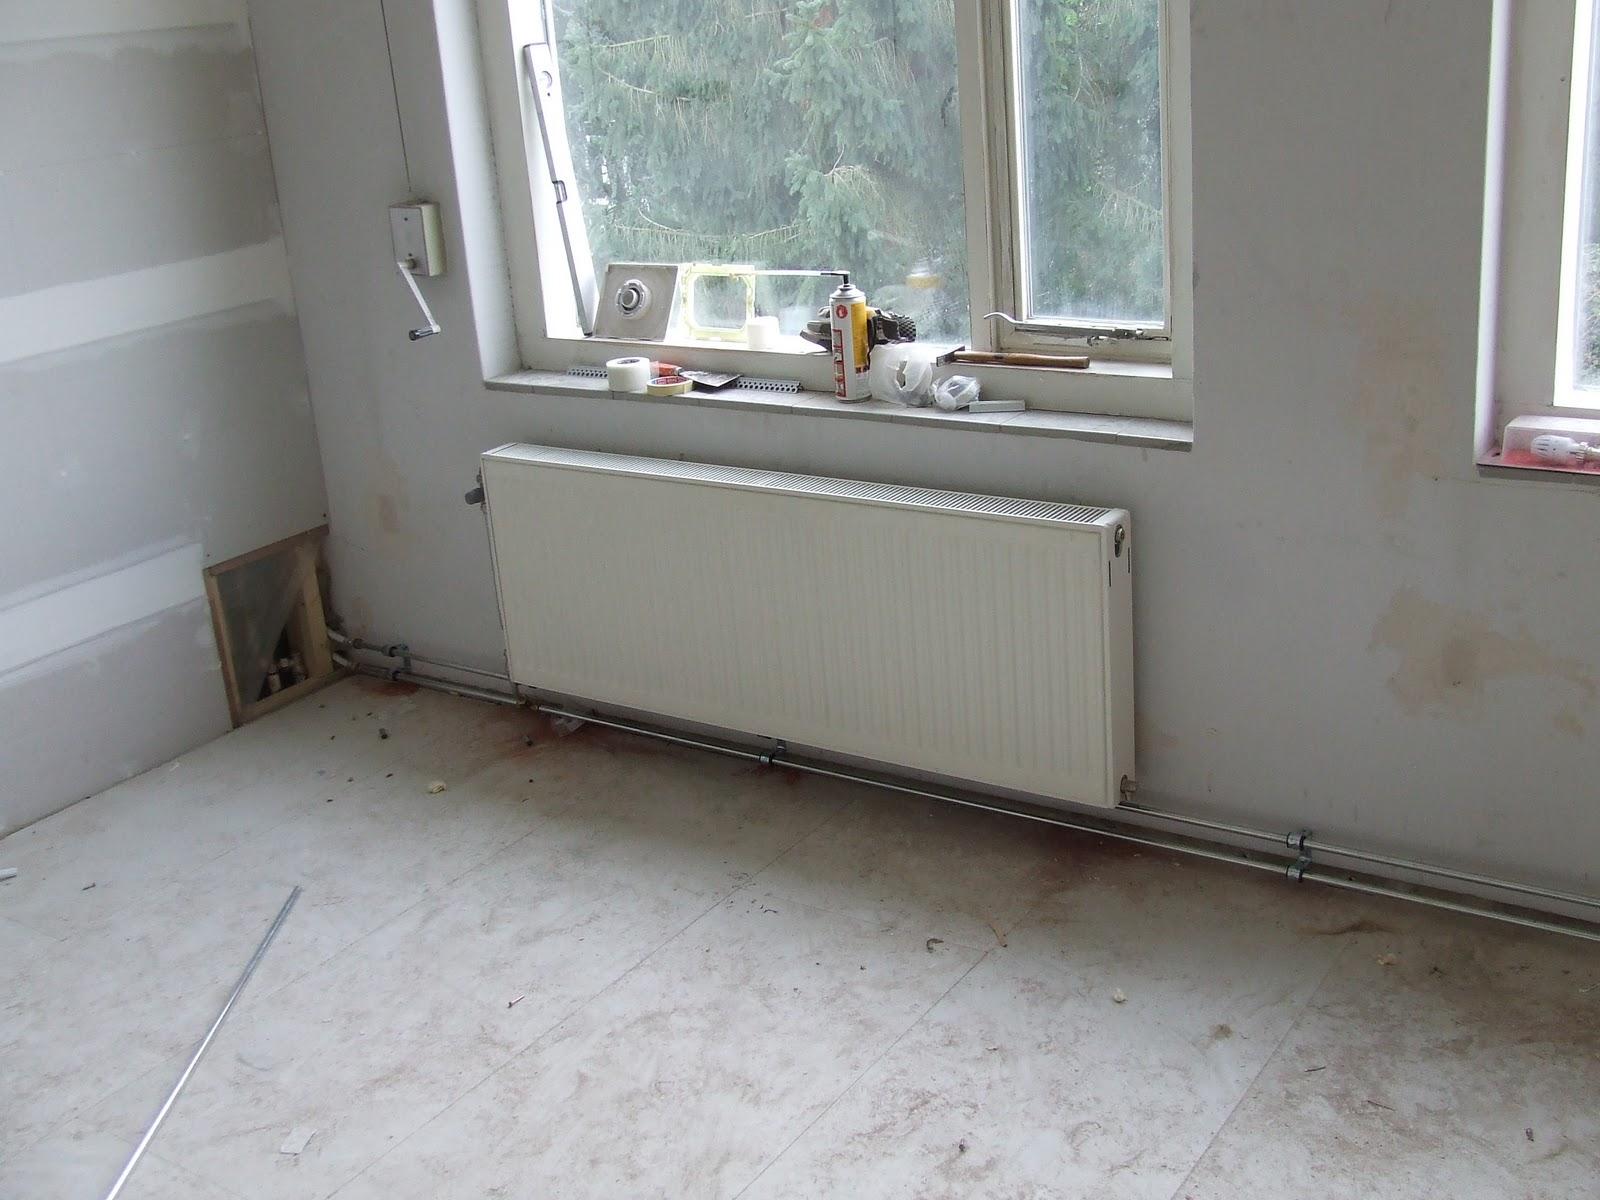 Badkamer Met Of Zonder Raam : Slaapkamer zonder raam nl loanski